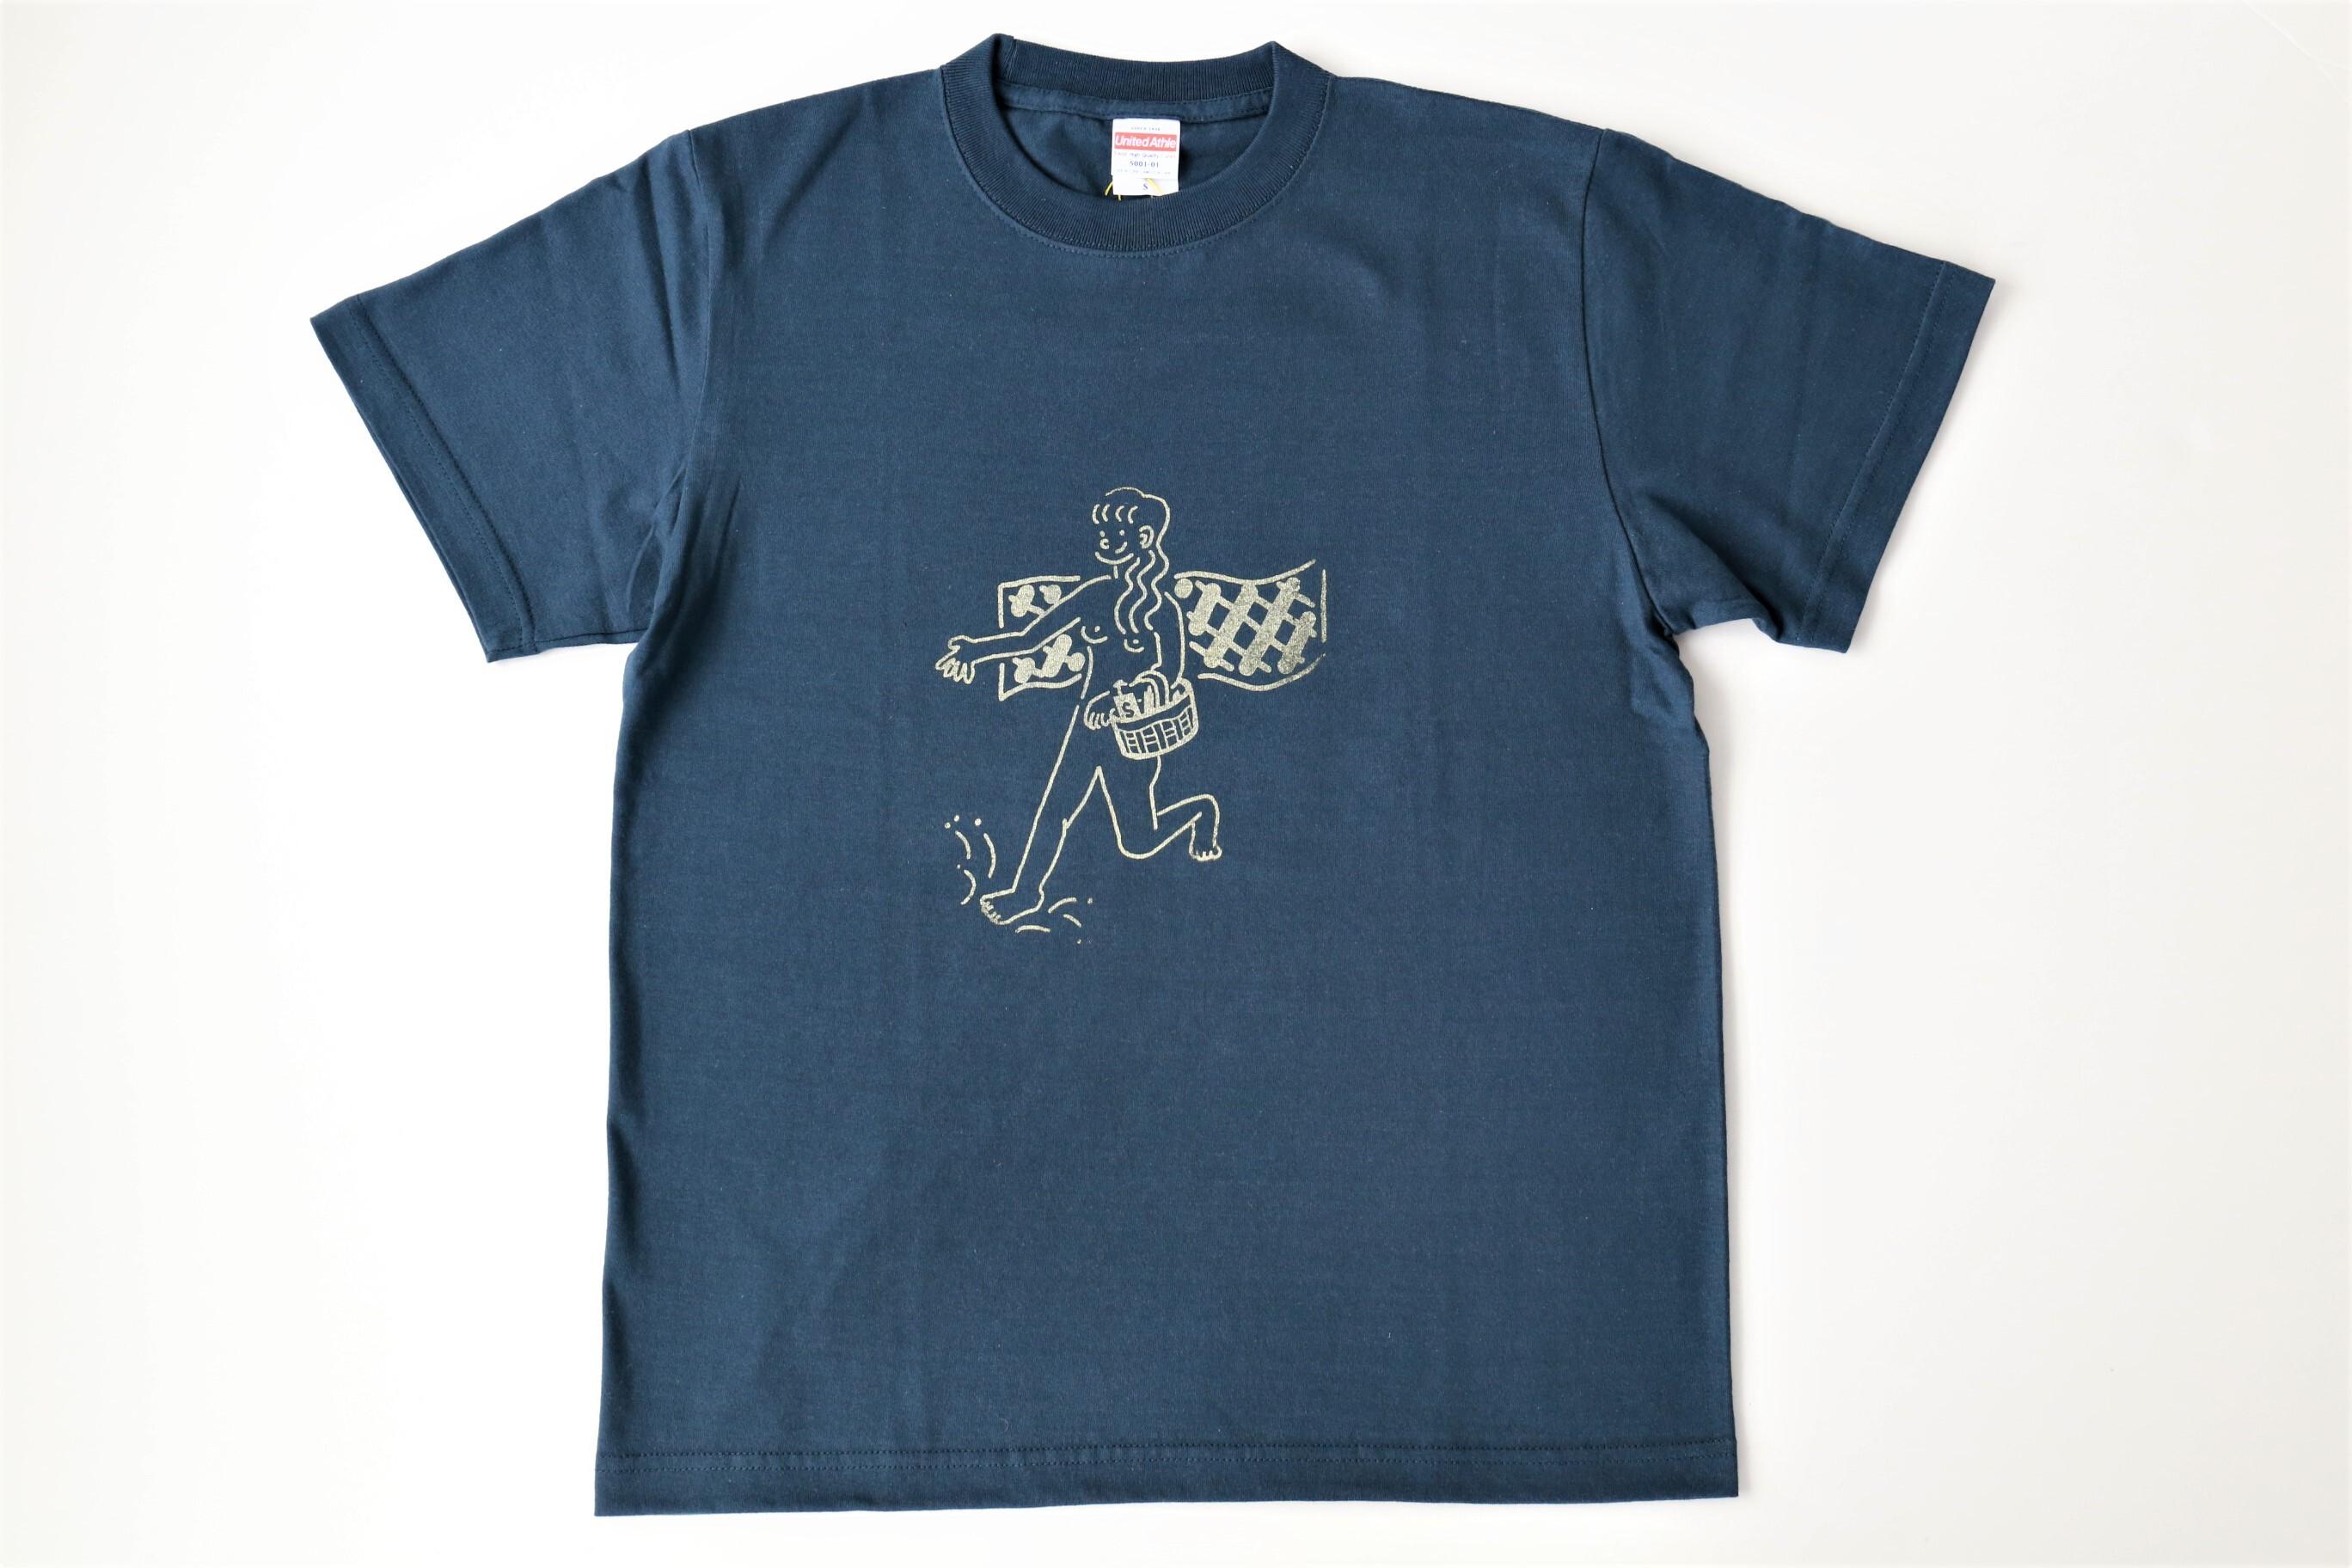 福嶋さくら 湯美ちゃんGO TO BATH Tシャツ